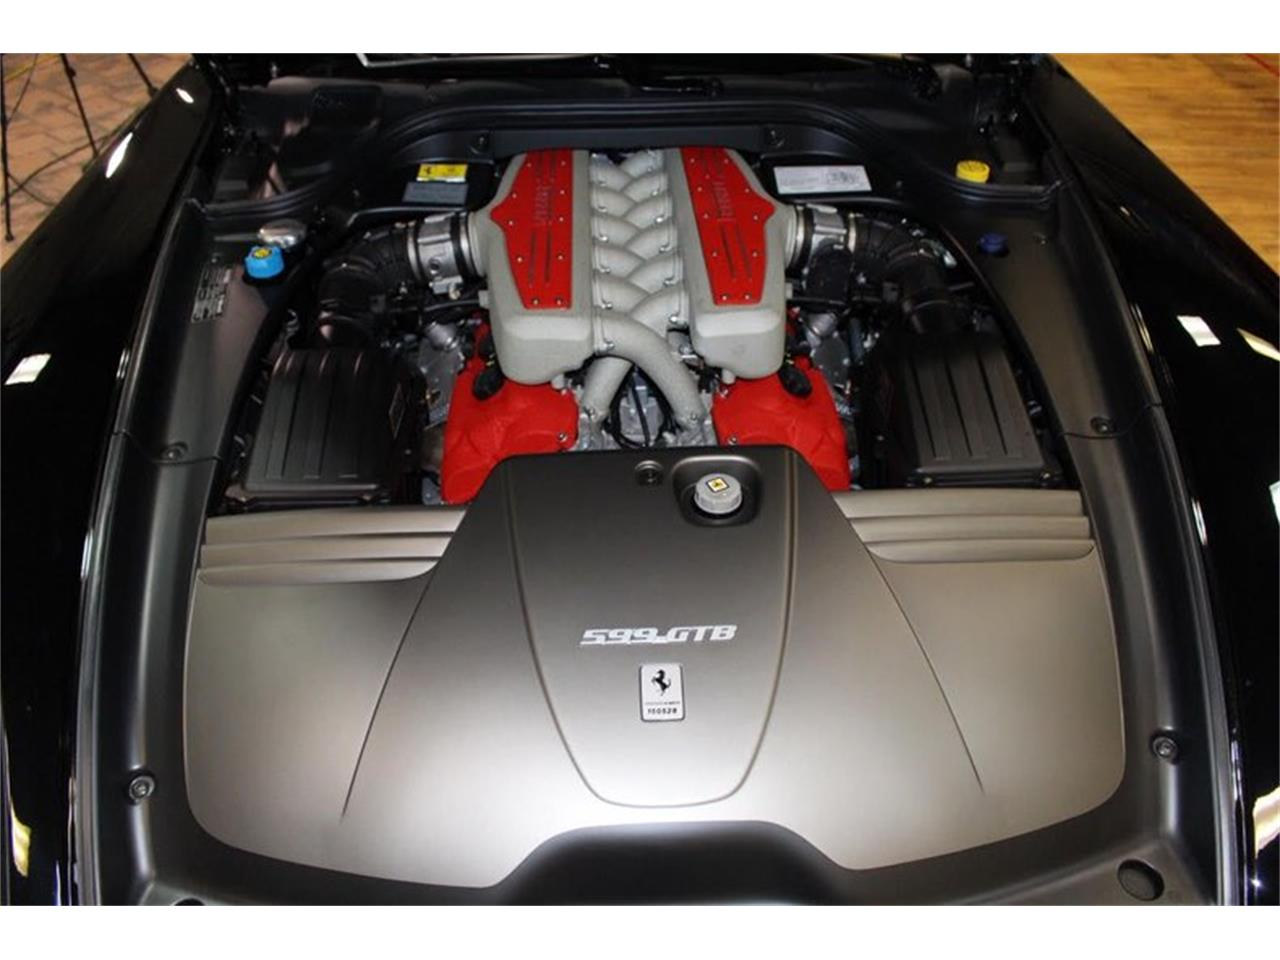 2007 Ferrari 599 (CC-1258015) for sale in Roslyn, New York